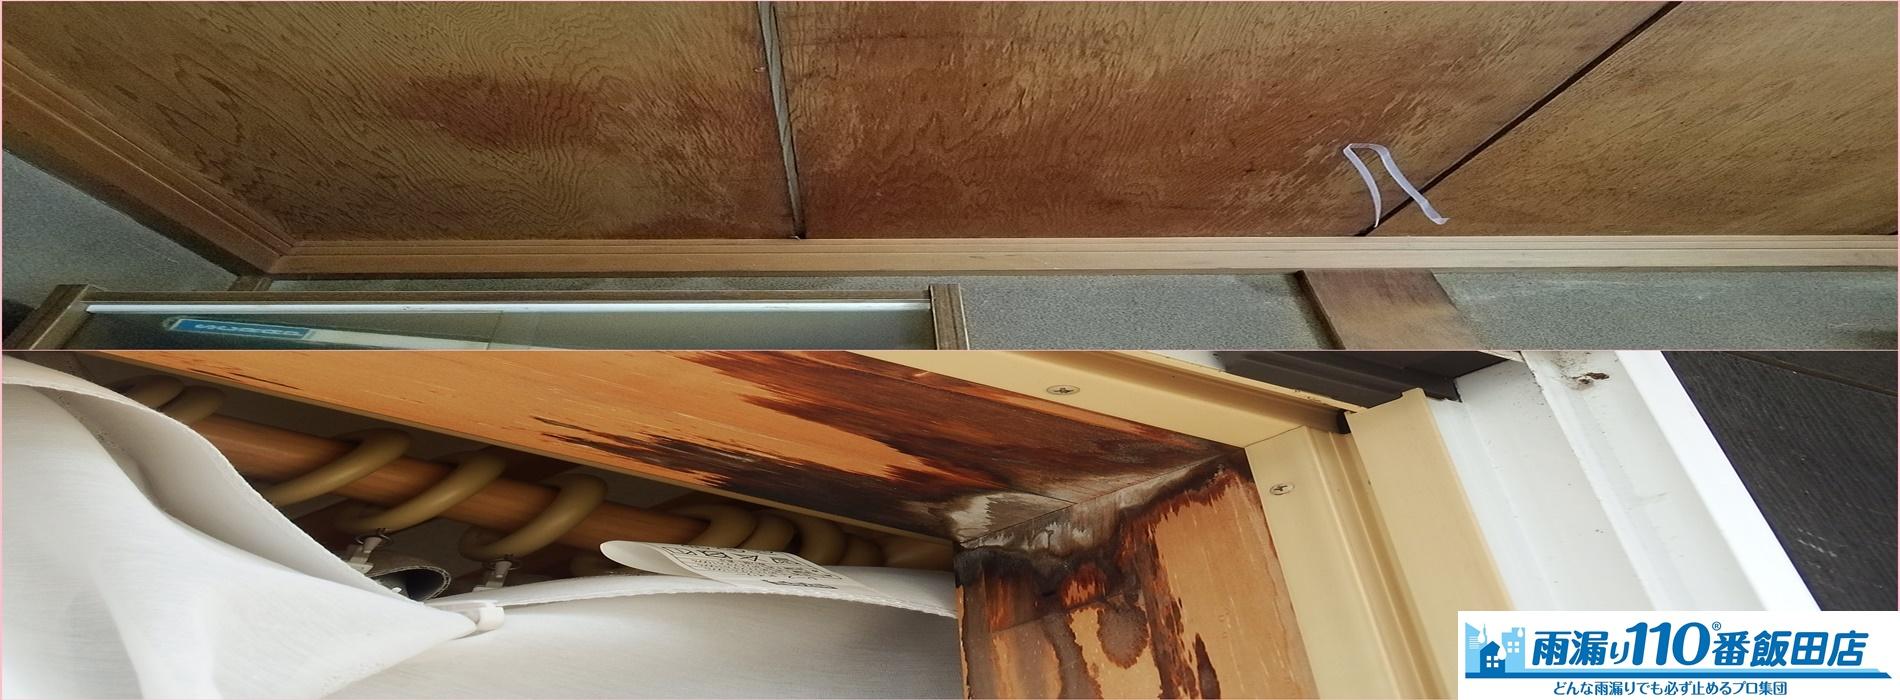 雨漏り、天井、窓枠